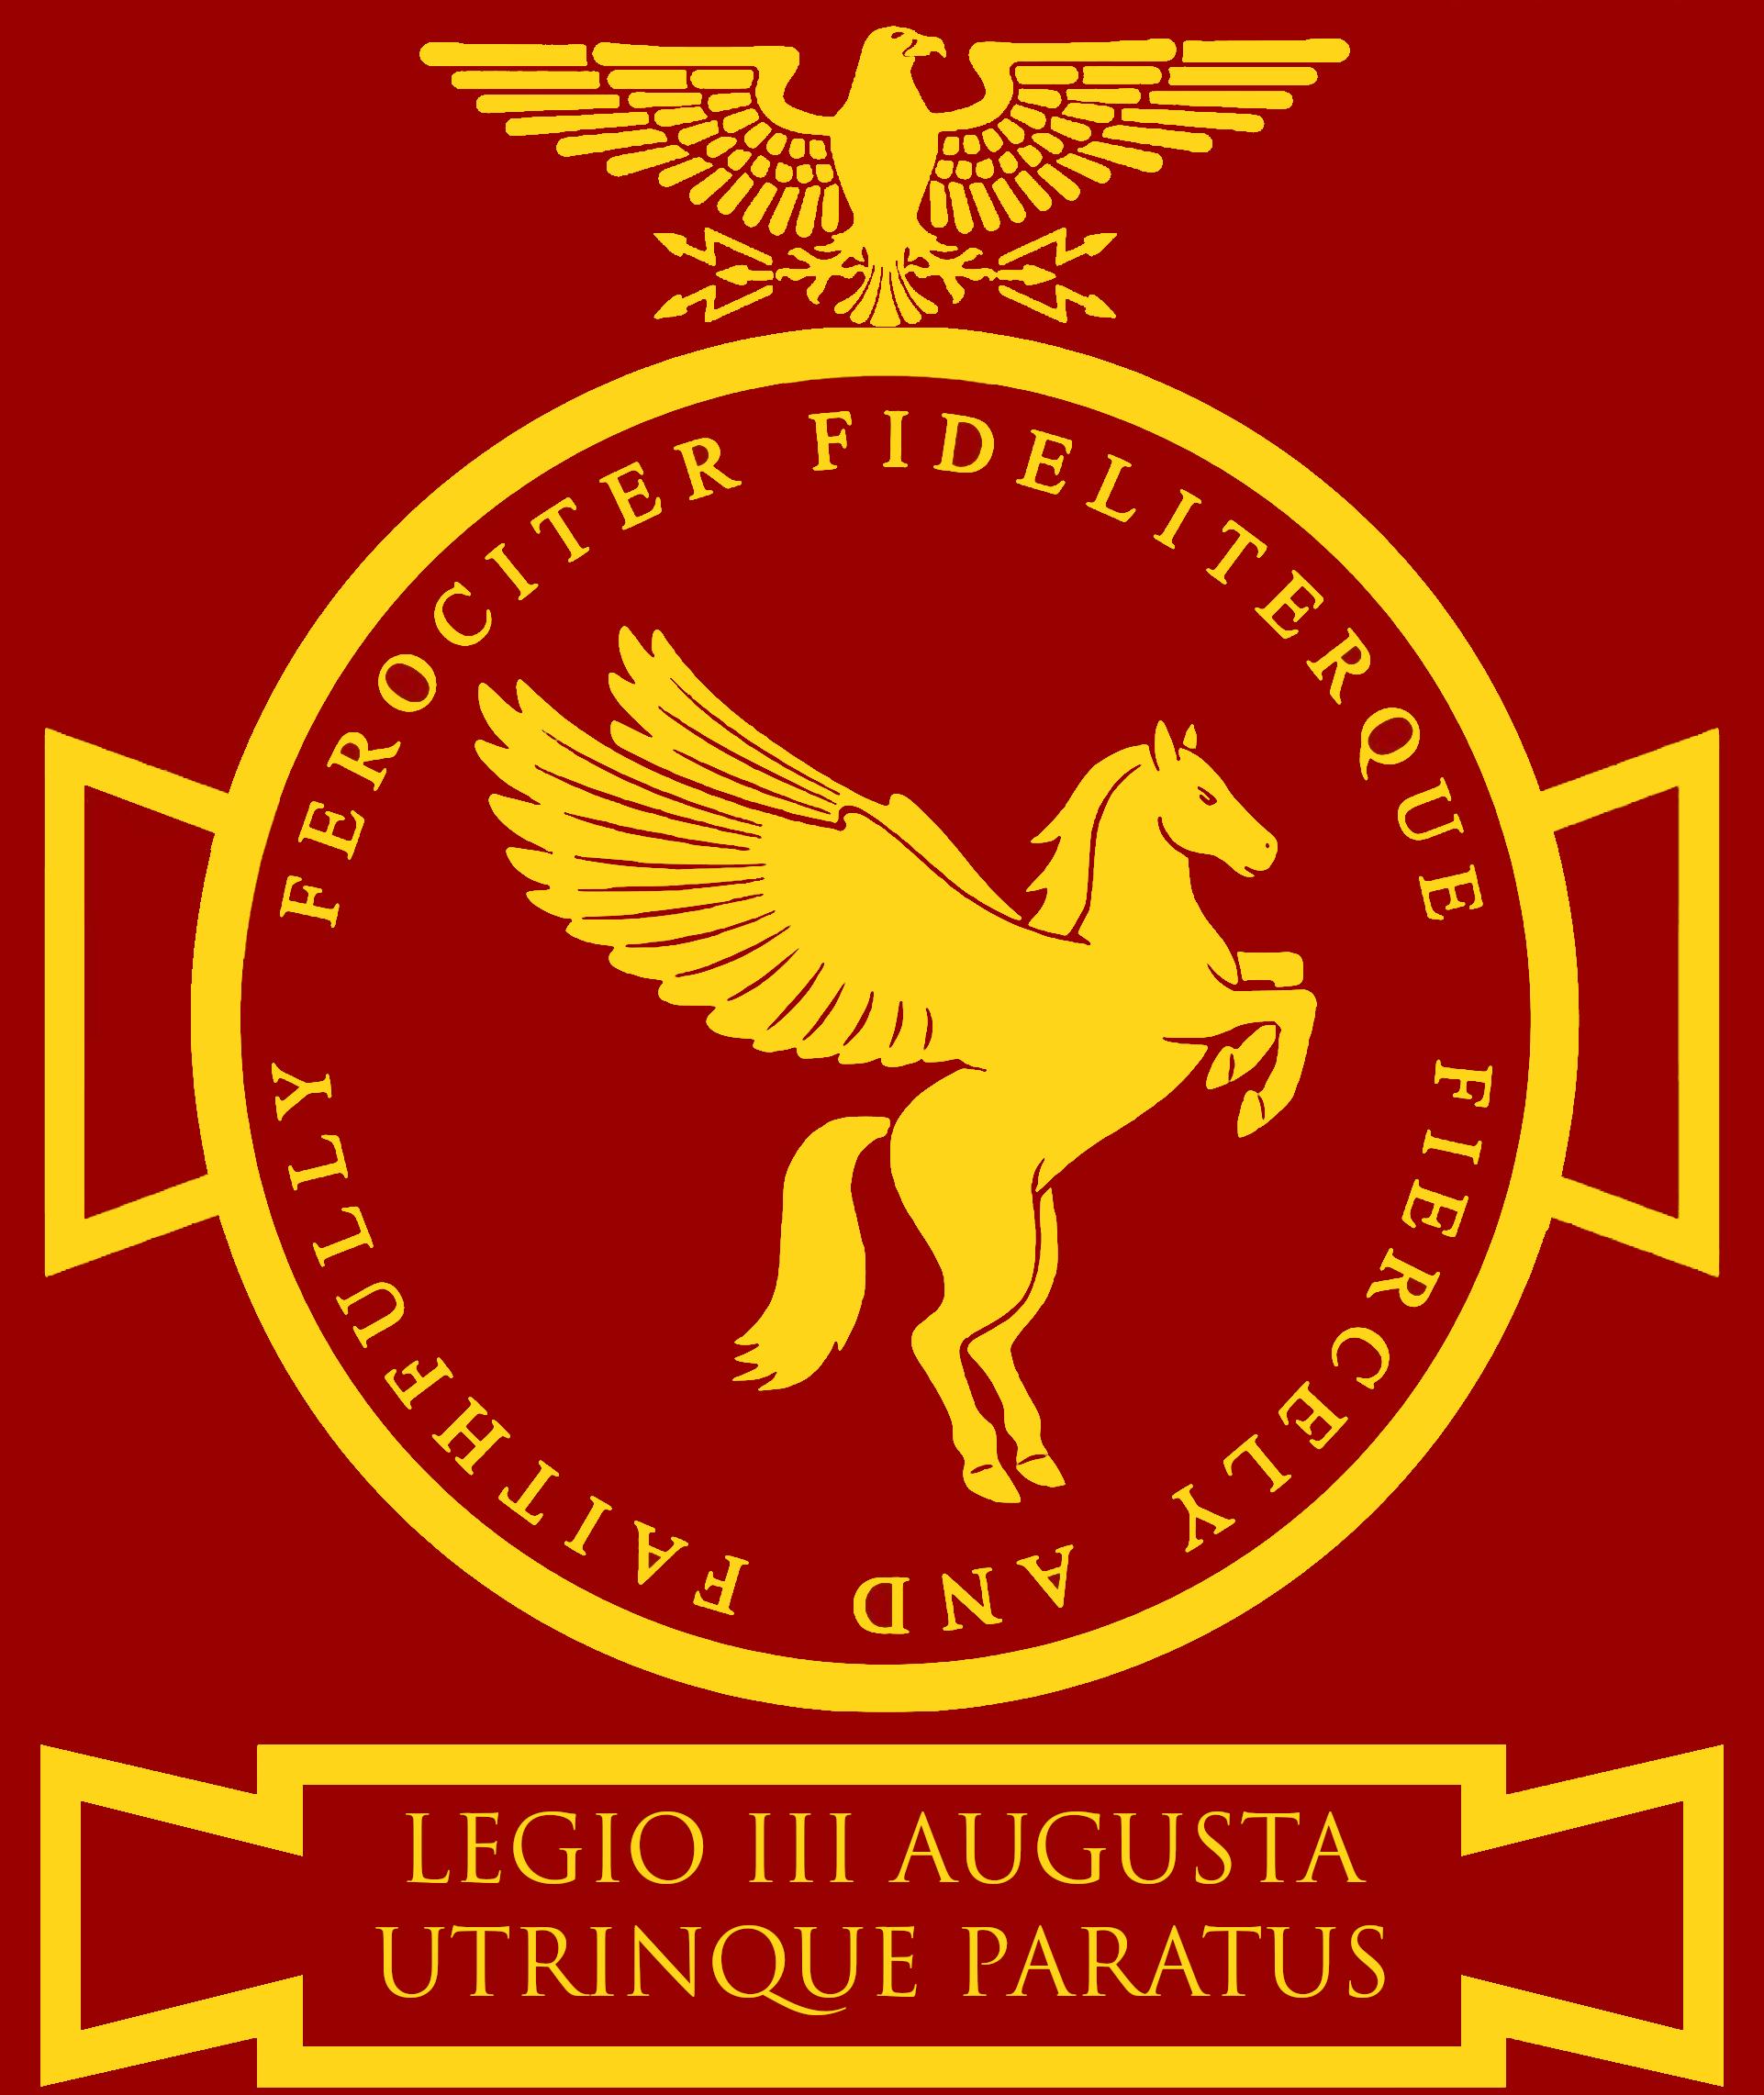 Αποτέλεσμα εικόνας για iii augusta legion